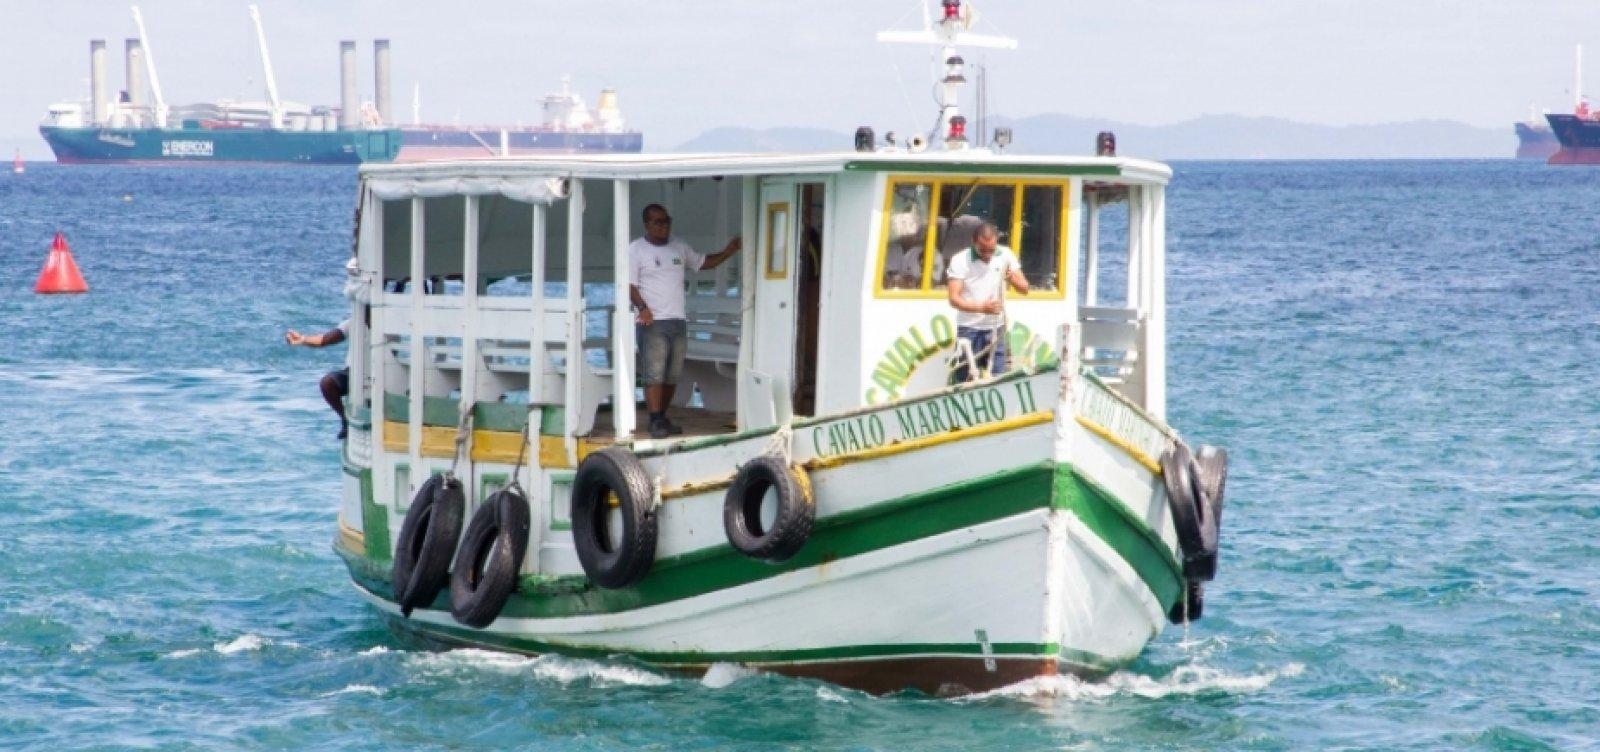 Travessia Salvador-Mar Grande é suspensa pelo segundo dia consecutivo devido a mau tempo